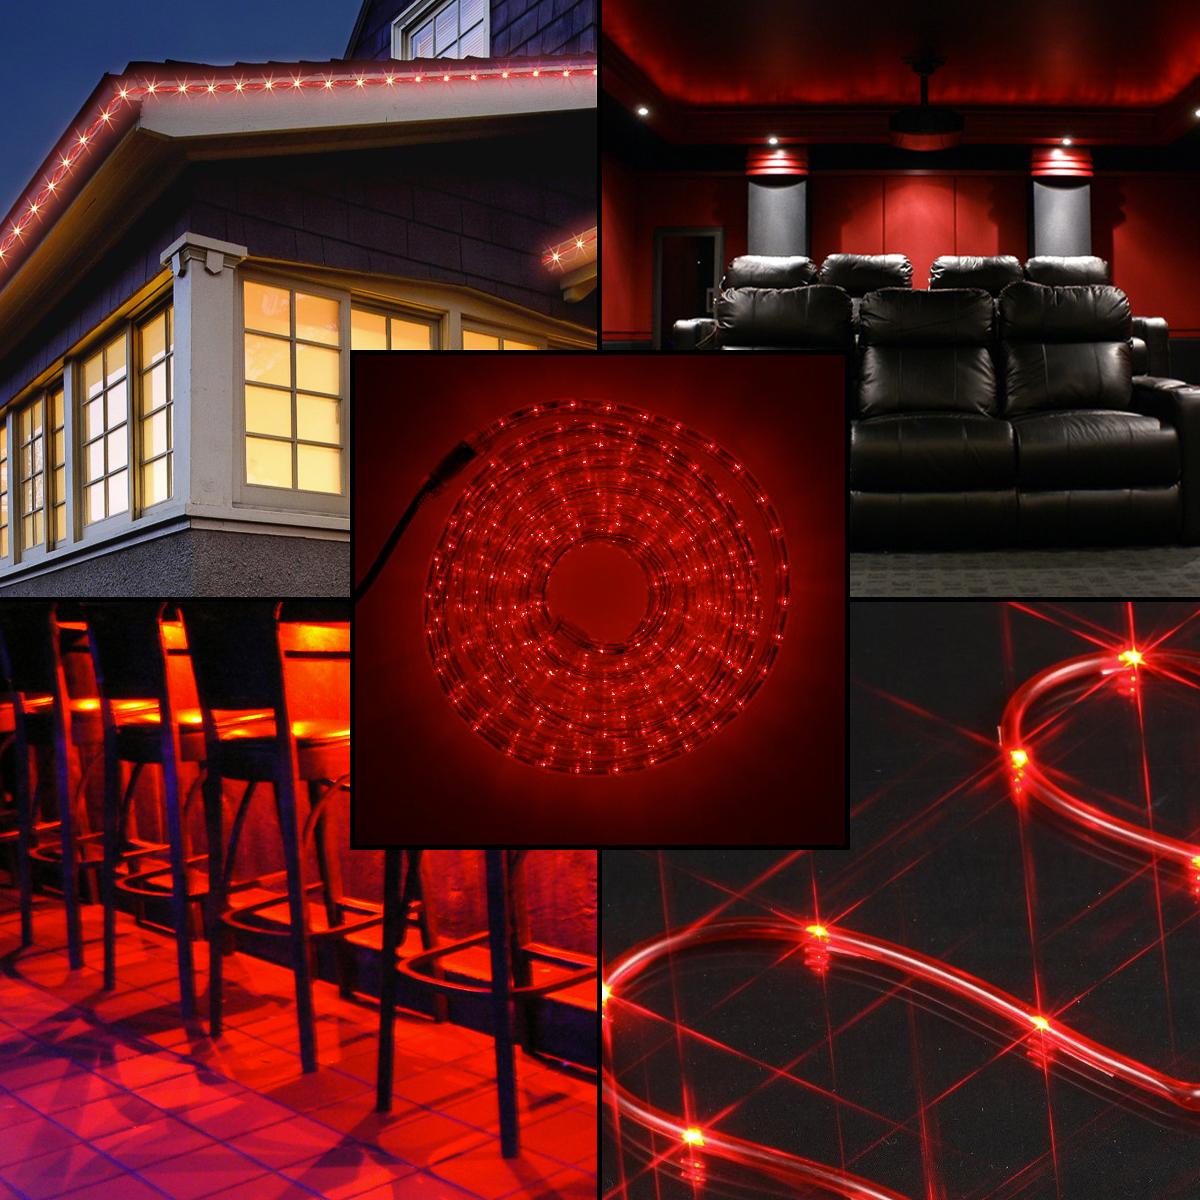 American Lighting 10pk 5ft Red Led Rope Light Christmas